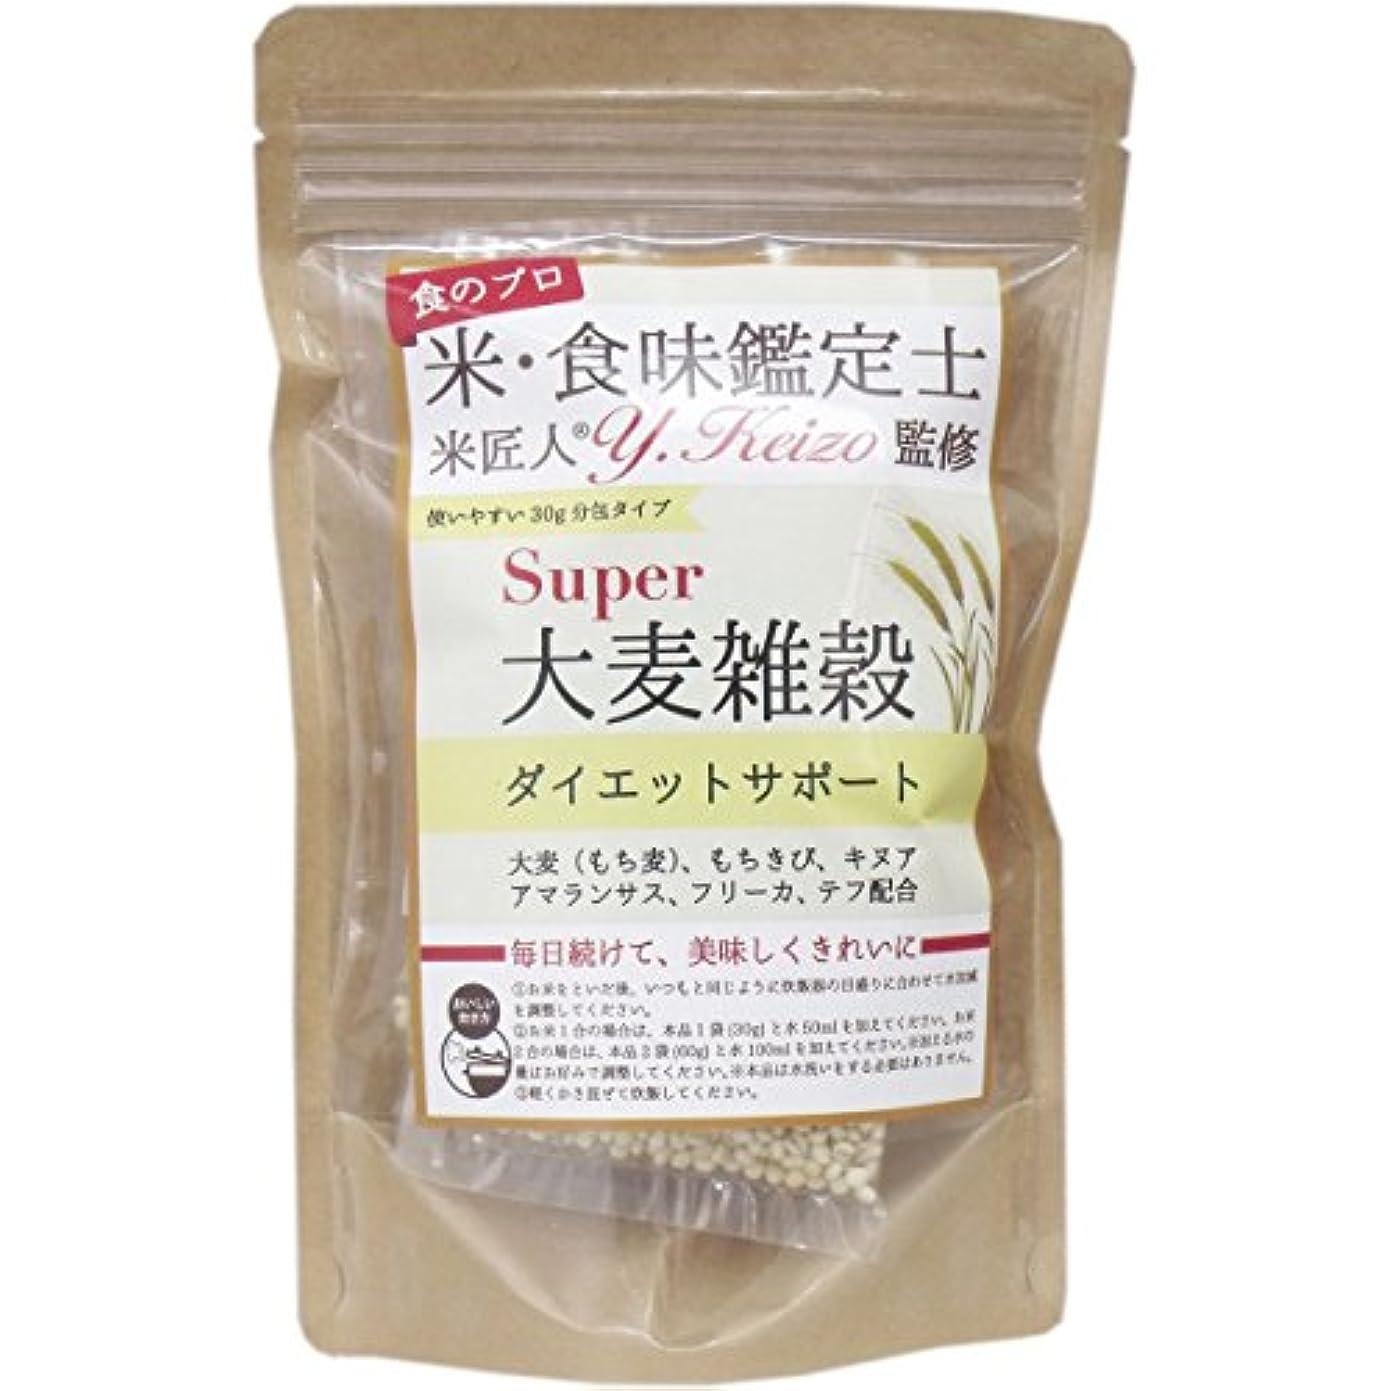 鋸歯状クライストチャーチ間接的スーパー大麦雑穀ダイエットサポート 30g×6包入×5点